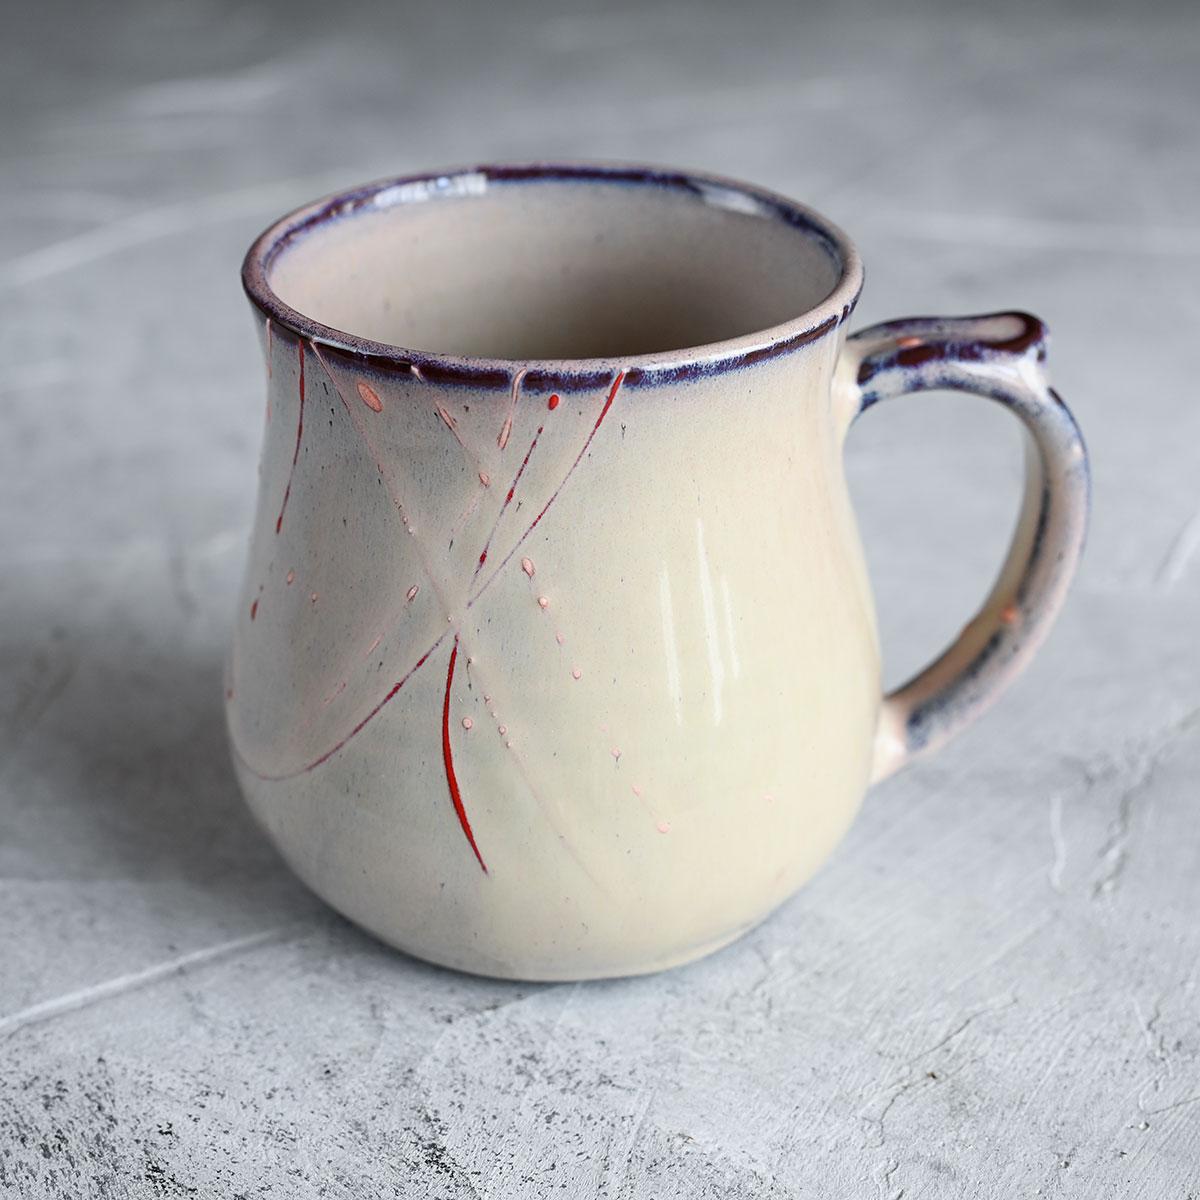 картинка Чашка из черного фарфора А.Заболотникова 4 - DishWishes.Ru